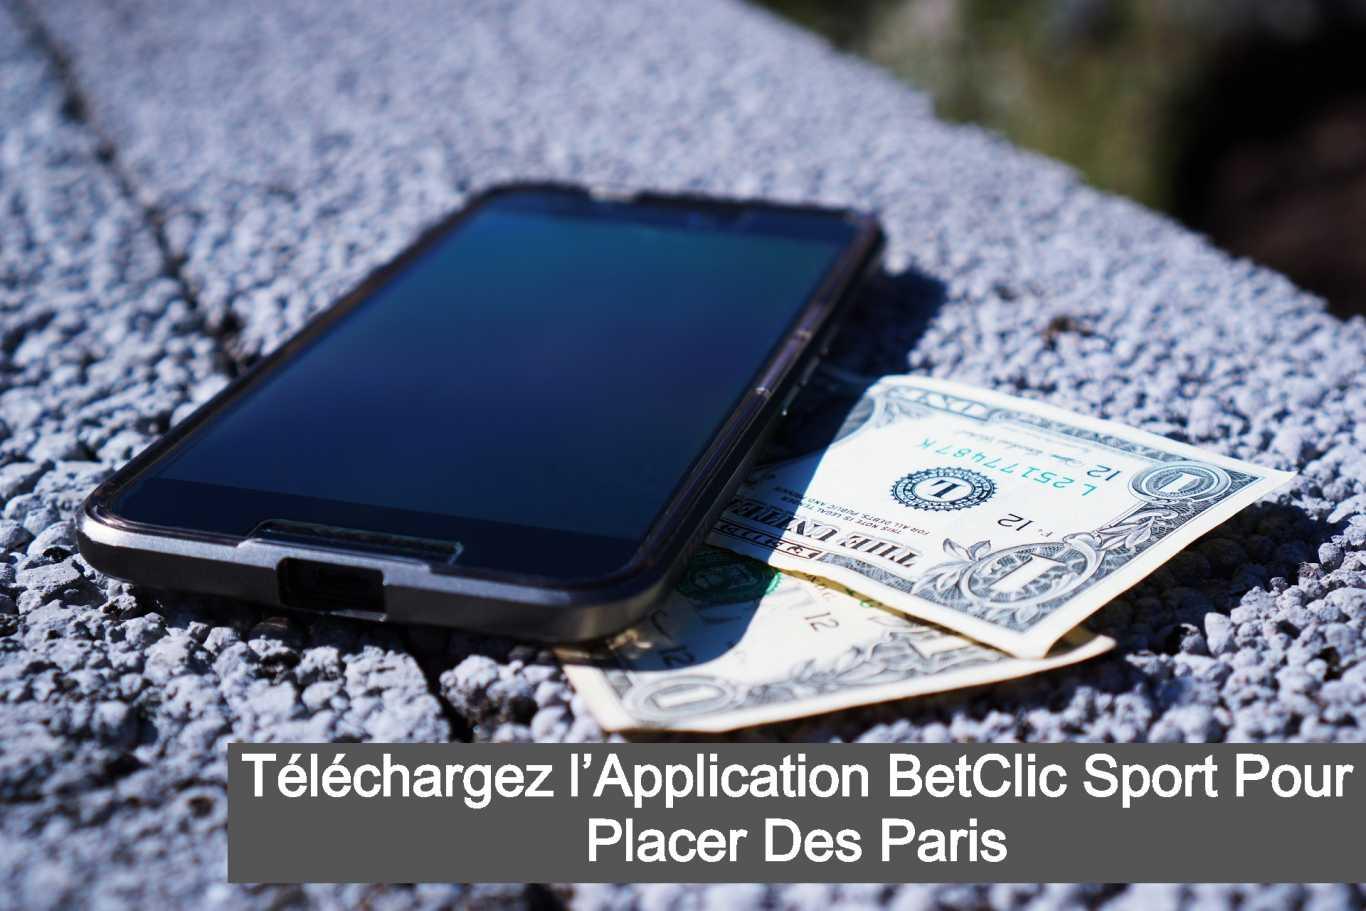 Téléchargez l'Application BetClic Sport Pour Placer Des Paris